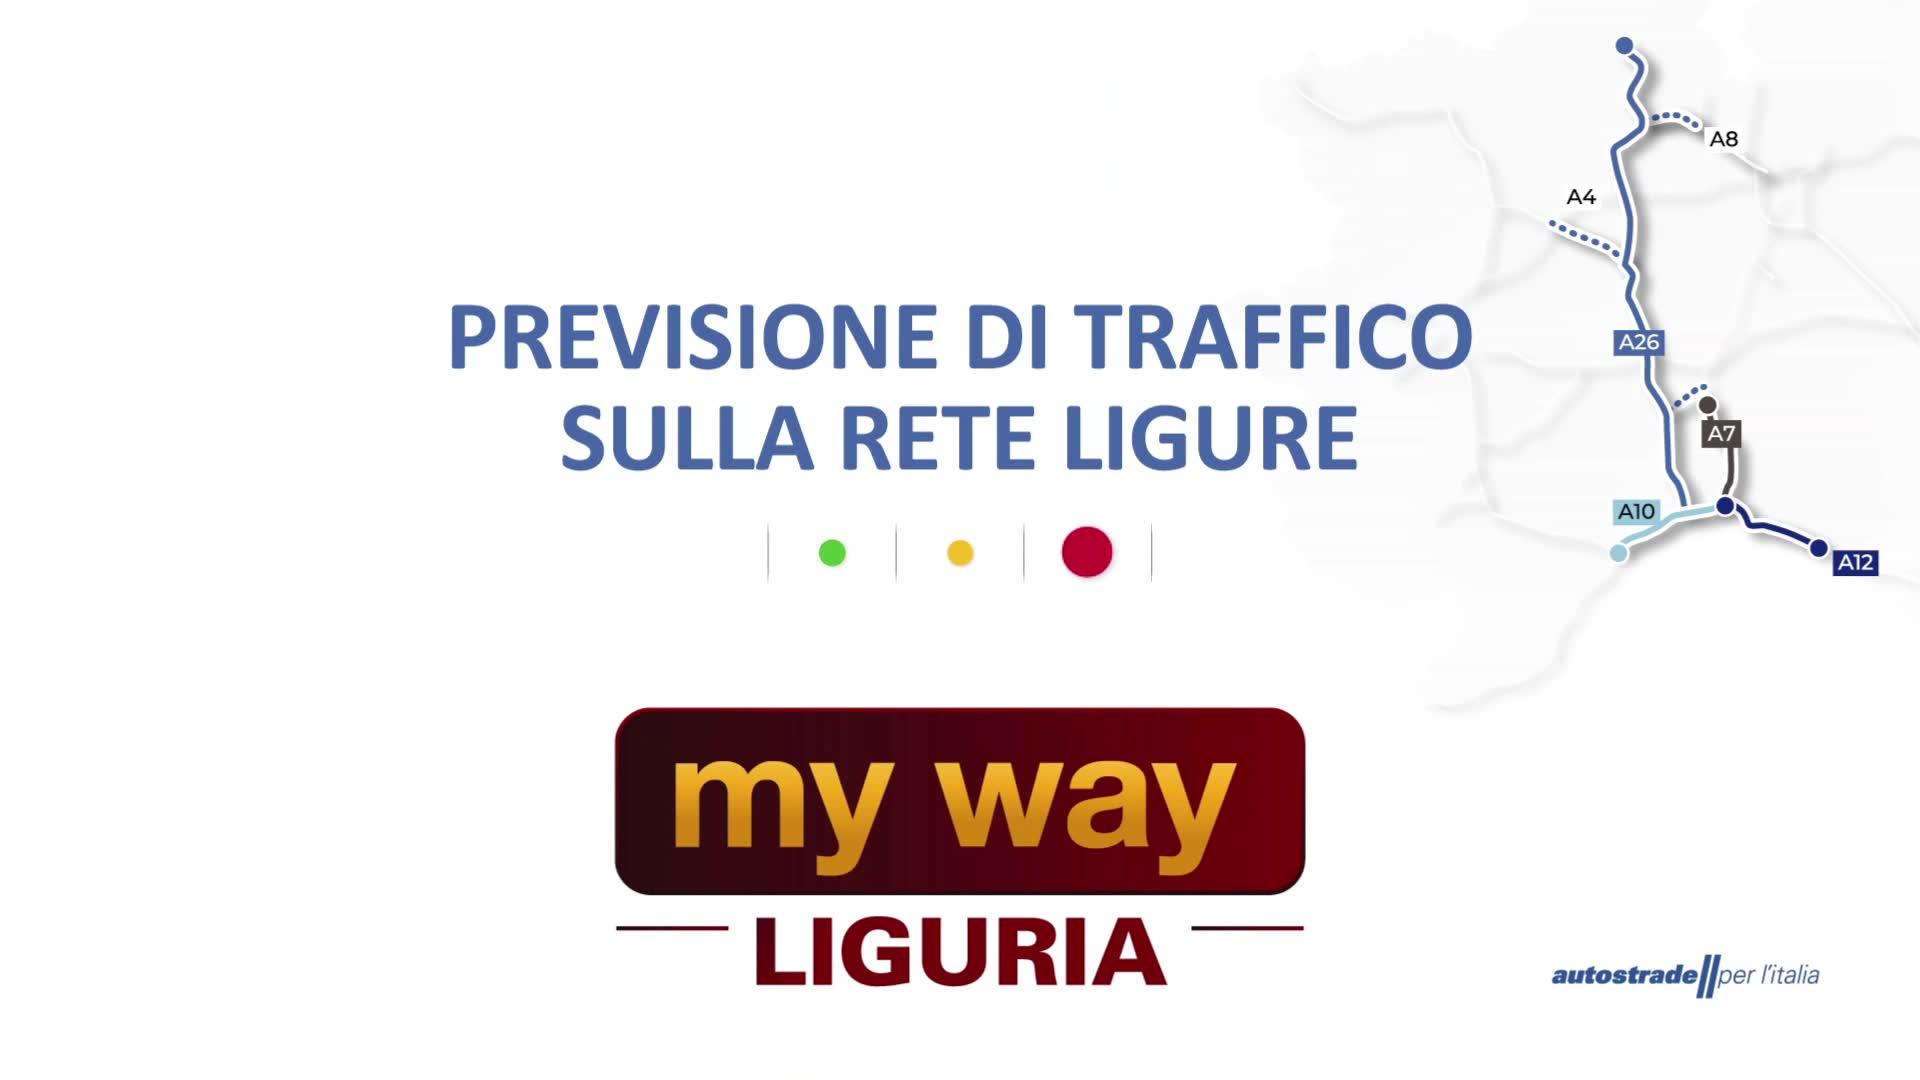 Le previsioni del traffico sulla rete autostradale della Liguria per la giornata di domenica 11 aprile